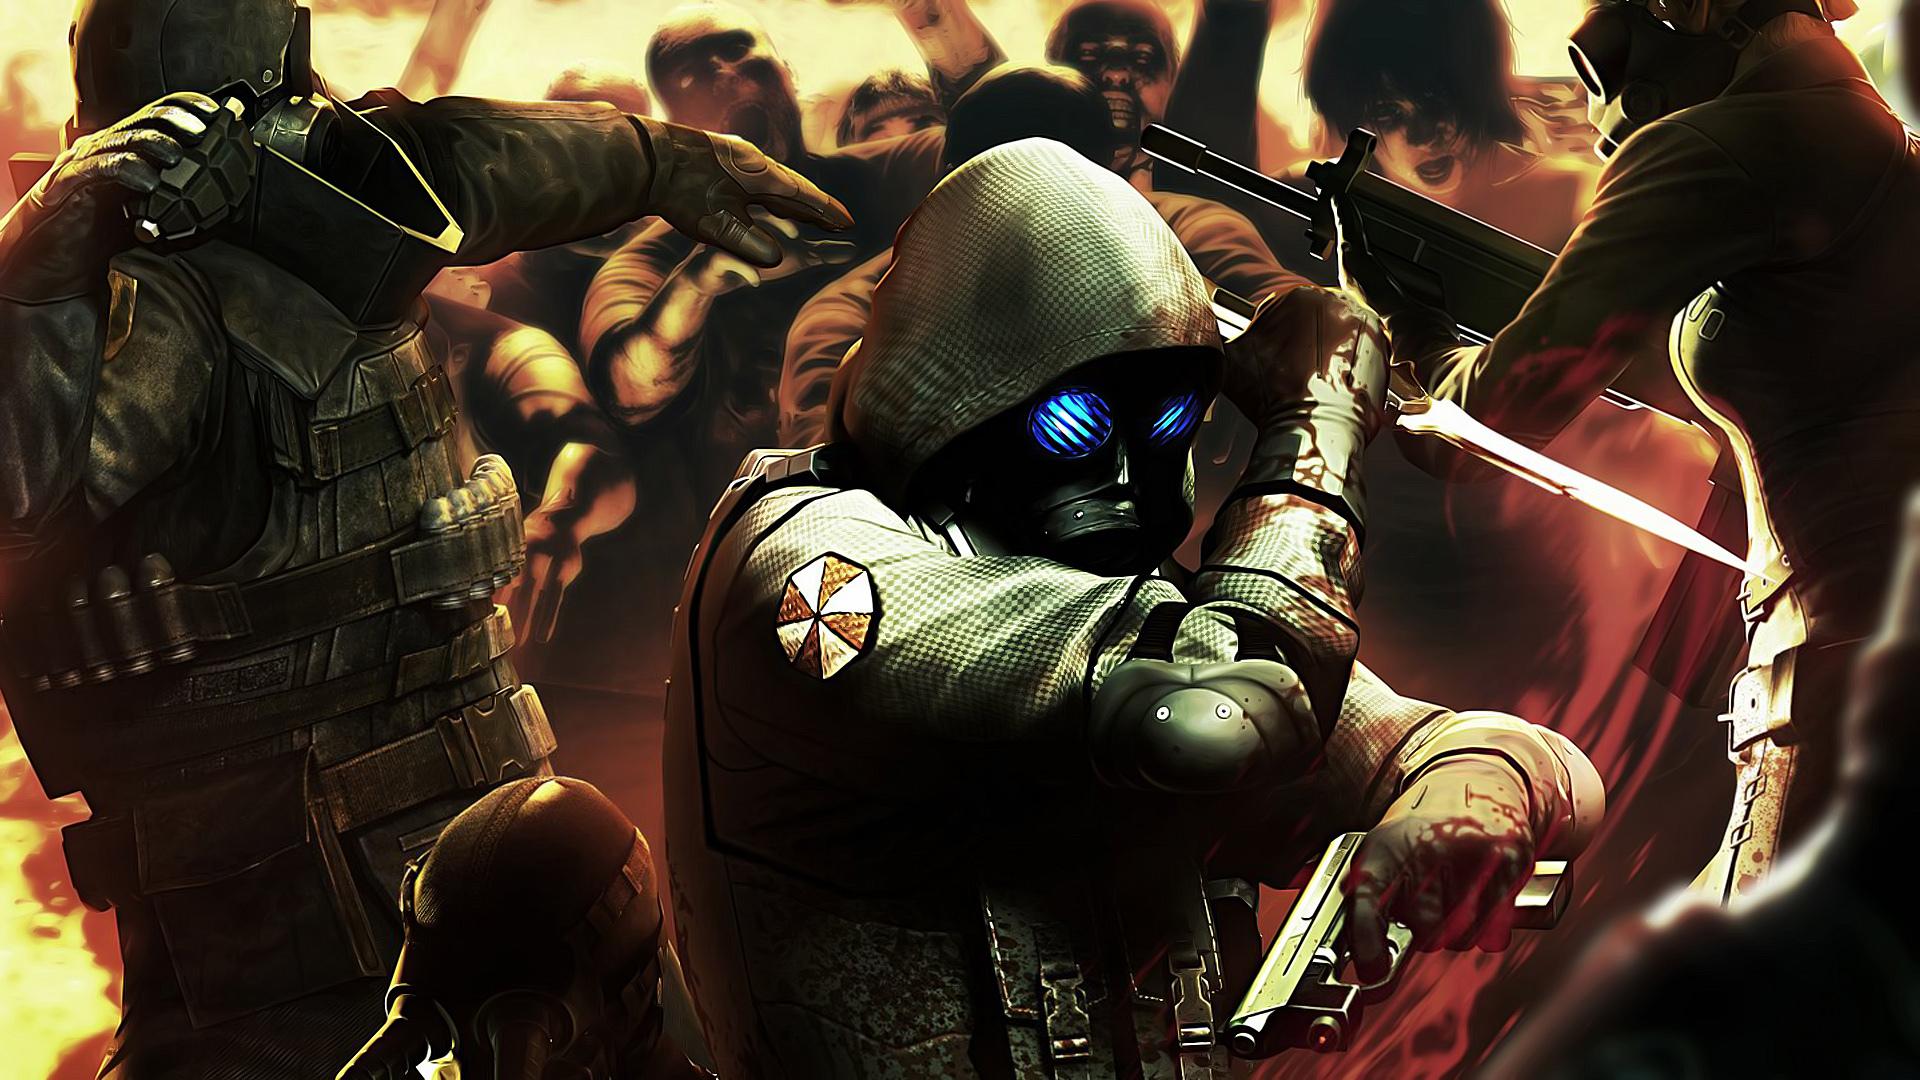 Игровой блог - Новости игр - Концепт-арт нового Resident Evil. Это